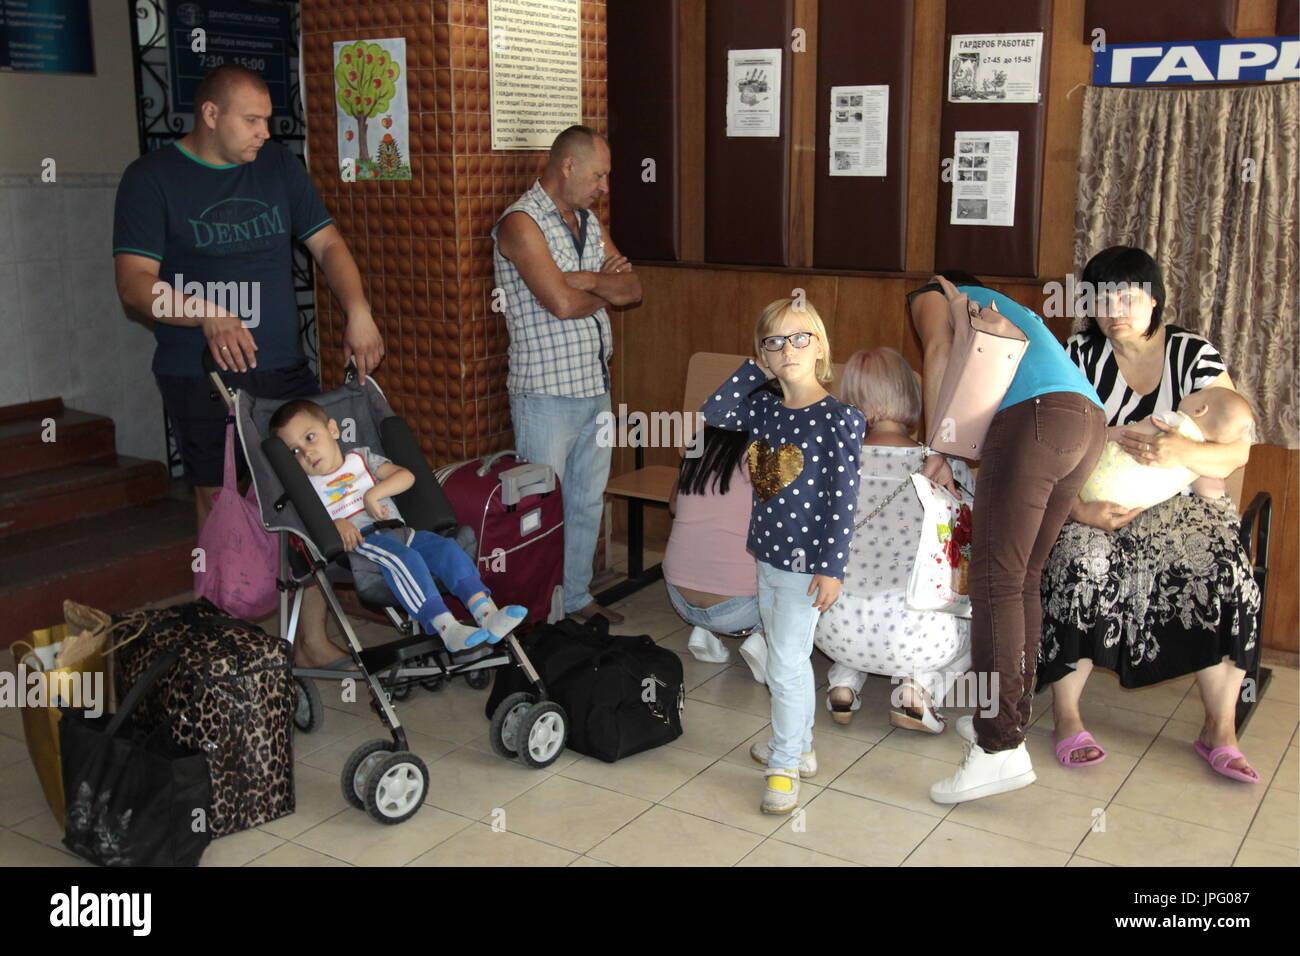 Donetsk, Ukraine. 1er août 2017. Les parents et leurs enfants à l'Hôpital clinique des enfants républicaine à Donetsk, une ville de l'Ukraine est contrôlé par la République populaire de Donetsk; sept enfants en difficulté sont envoyés pour traitement à la Russie par Spravedlivaya Pomoshch Doktora Lizy, une organisation caritative internationale. Credit: Valentin/Sprinchak TASS/Alamy Live News Banque D'Images